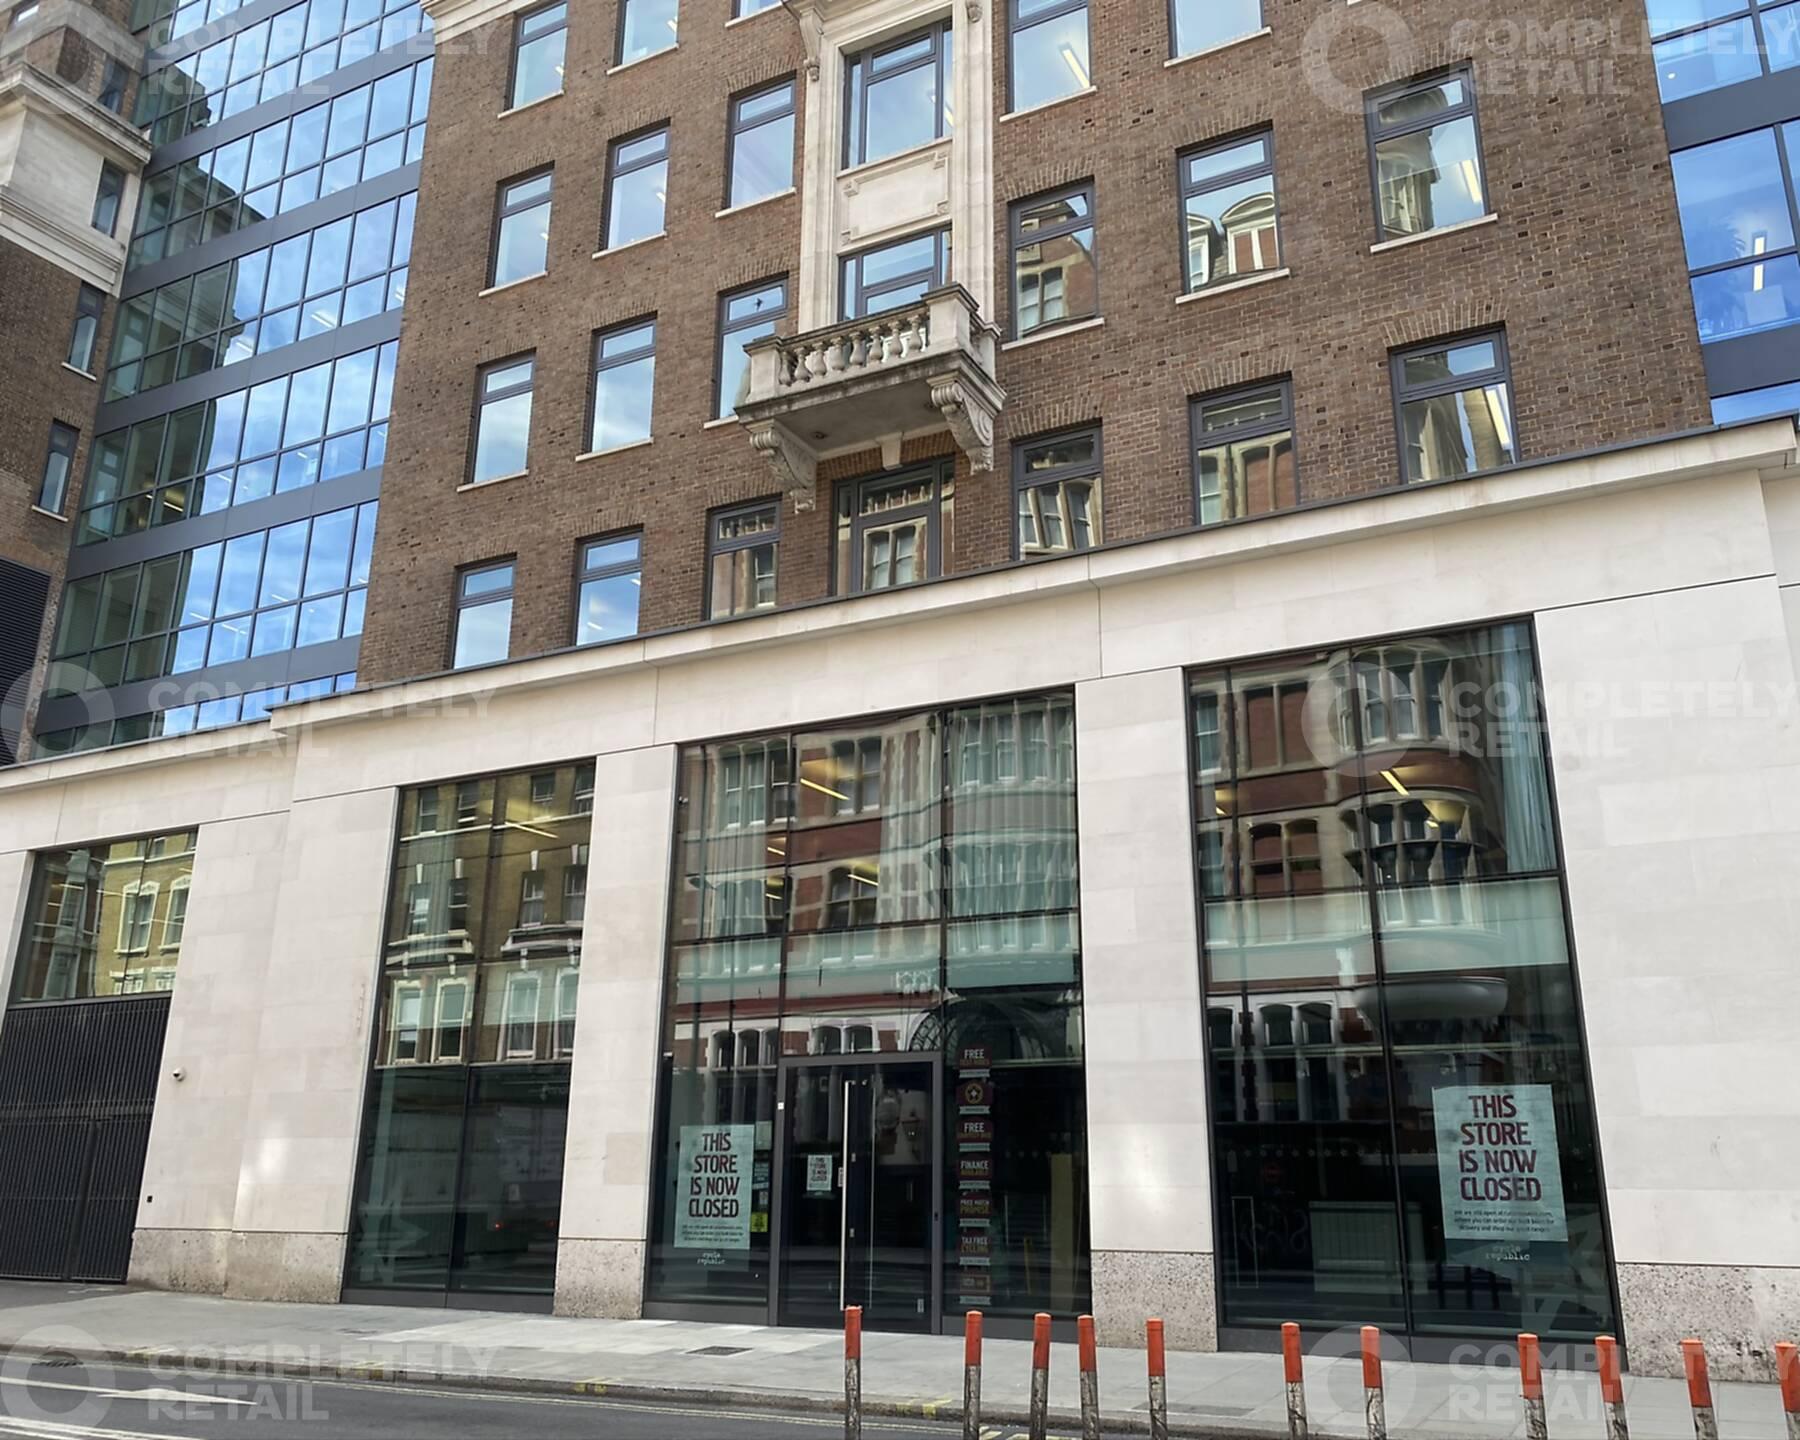 Unit 1, 10 Bloomsbury Way